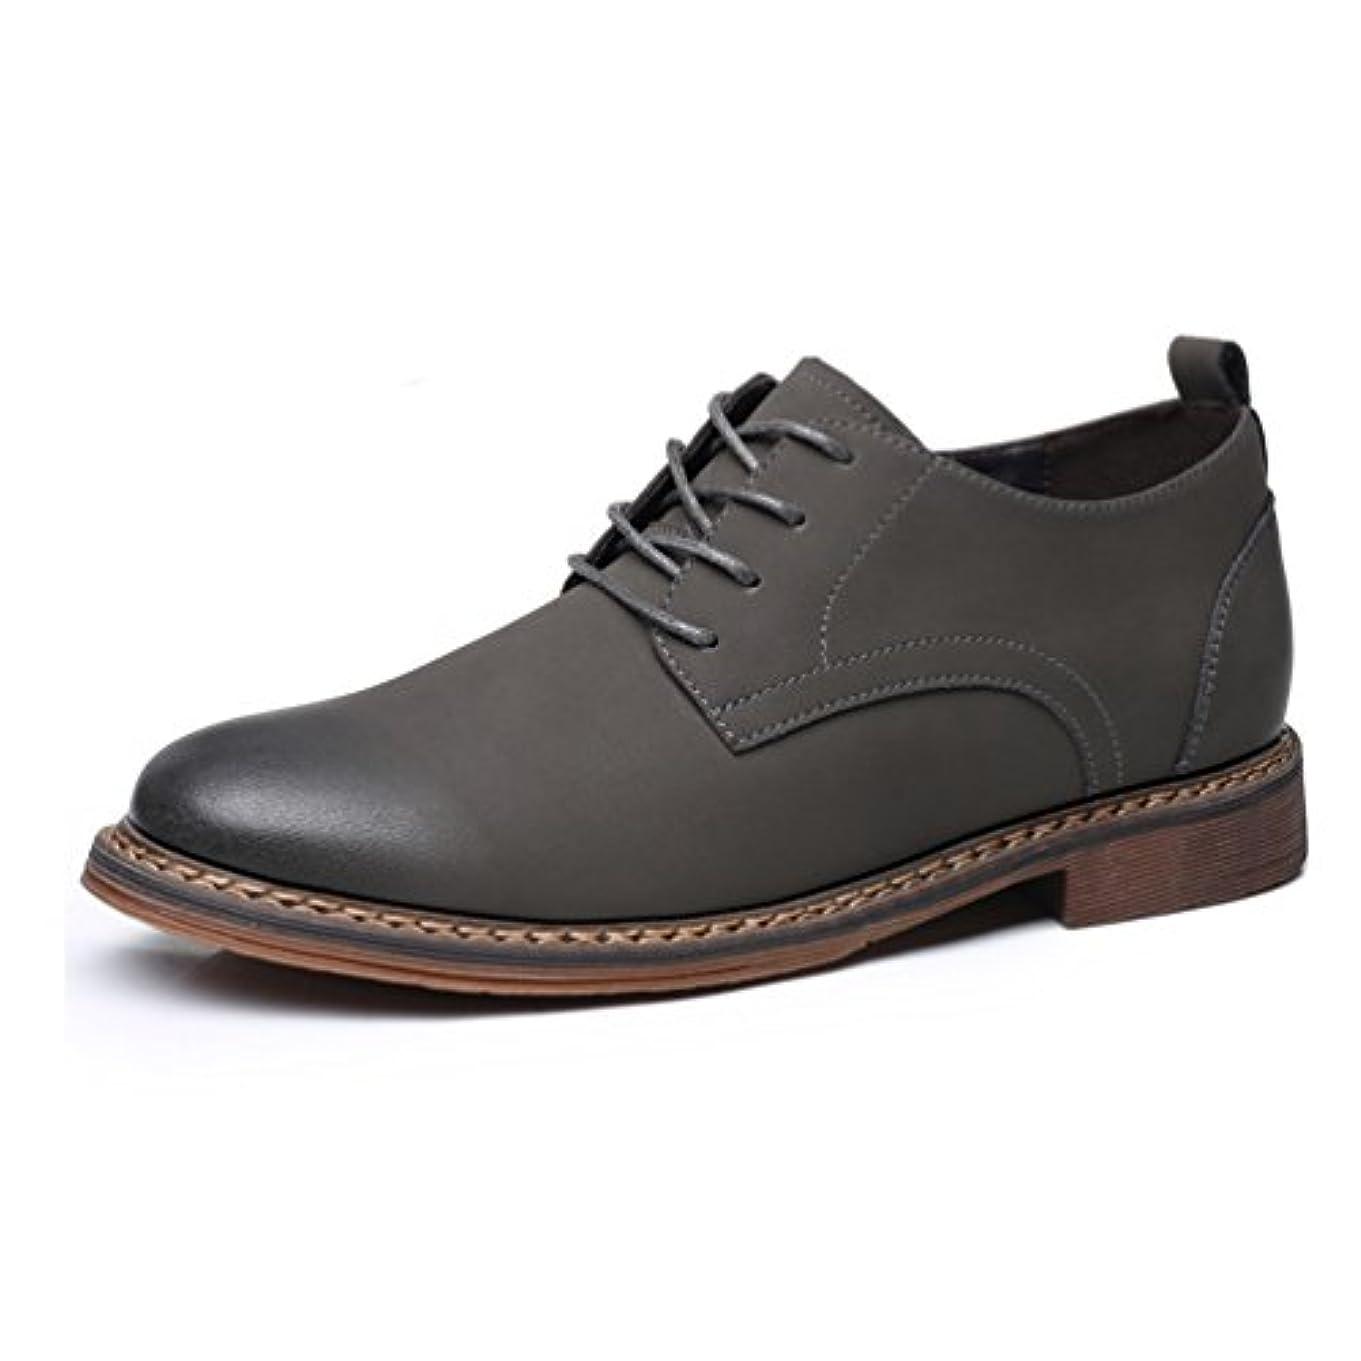 データベースアンタゴニスト概要紳士靴 ビジネスシューズ シークレット インヒール 6cm身長UP レースアップ フォーマル ワーク かっこいい カジュアル 履き心地良い 革靴 防水 おしゃれ 防滑 コンフォート メンズ 黒 グレー 23.5-26.5cm